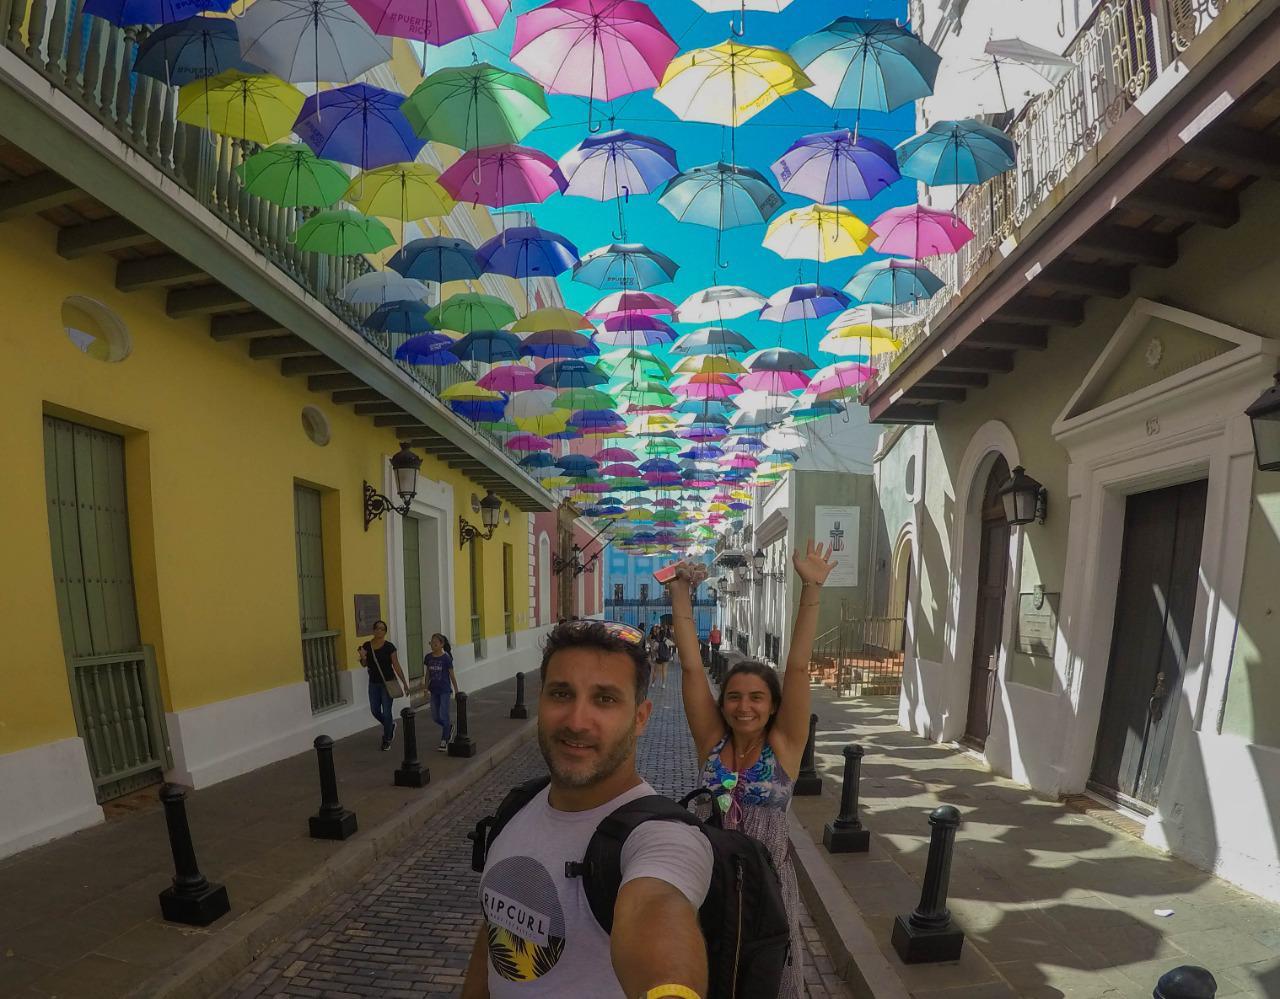 Dos personas tomando una selfie en Calle Los Paraguas en San Juan de Puerto Rico